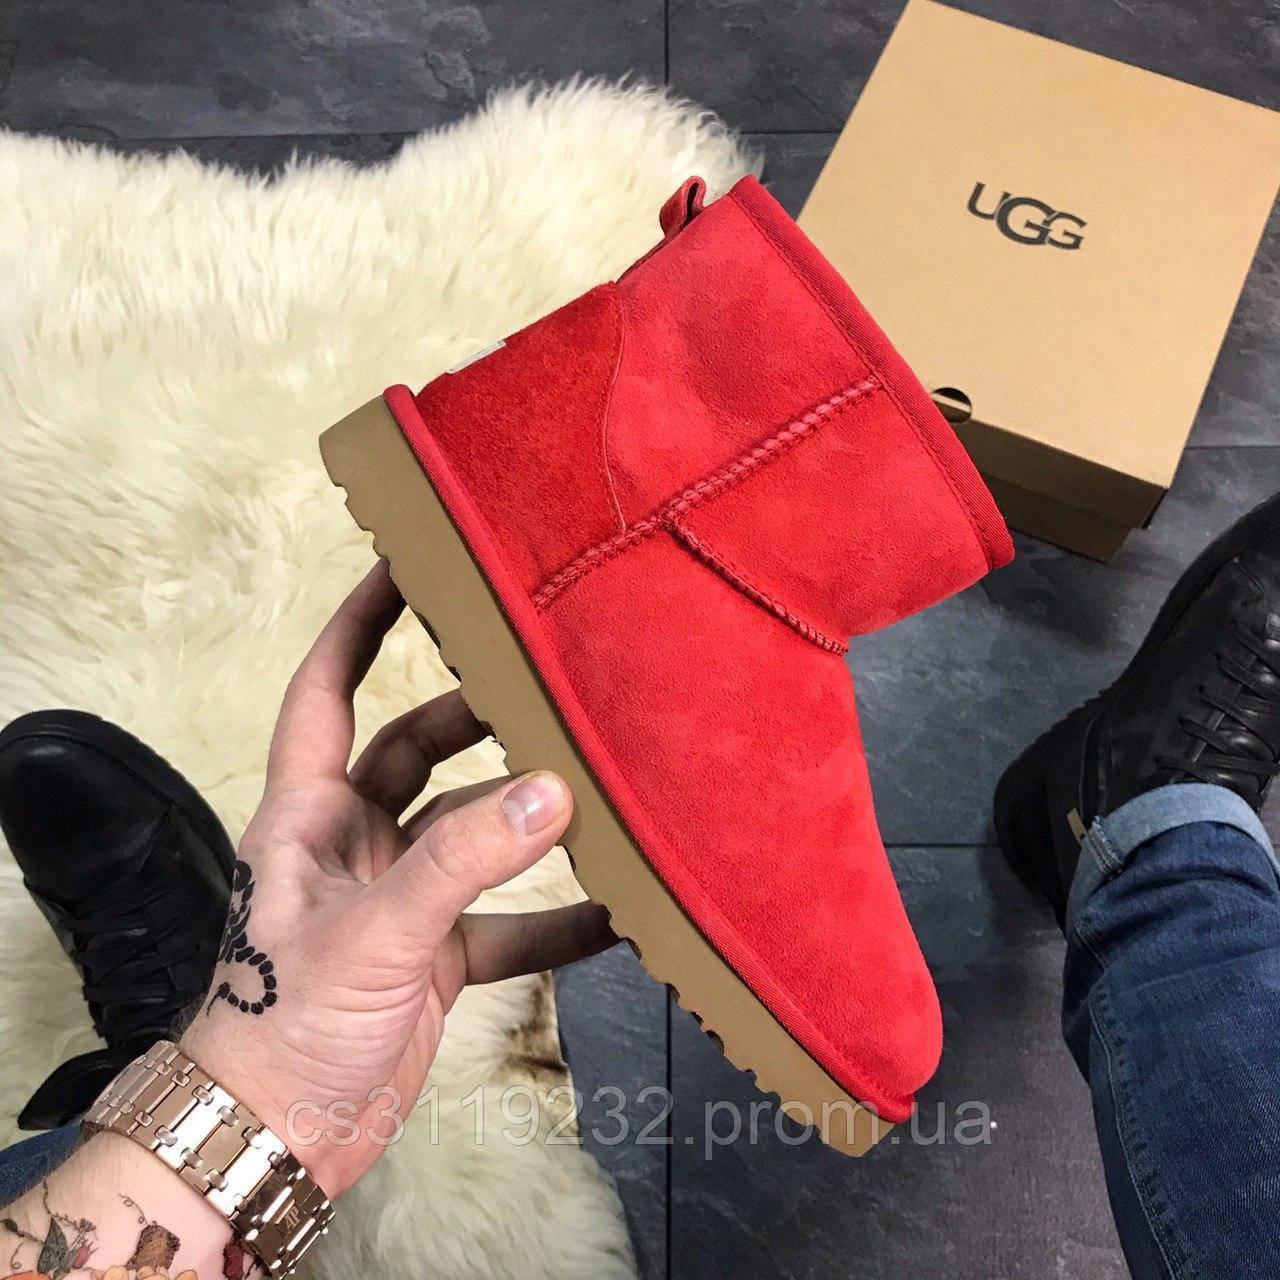 Жіночі чоботи зимові Ugg Classic Mini (червоні)